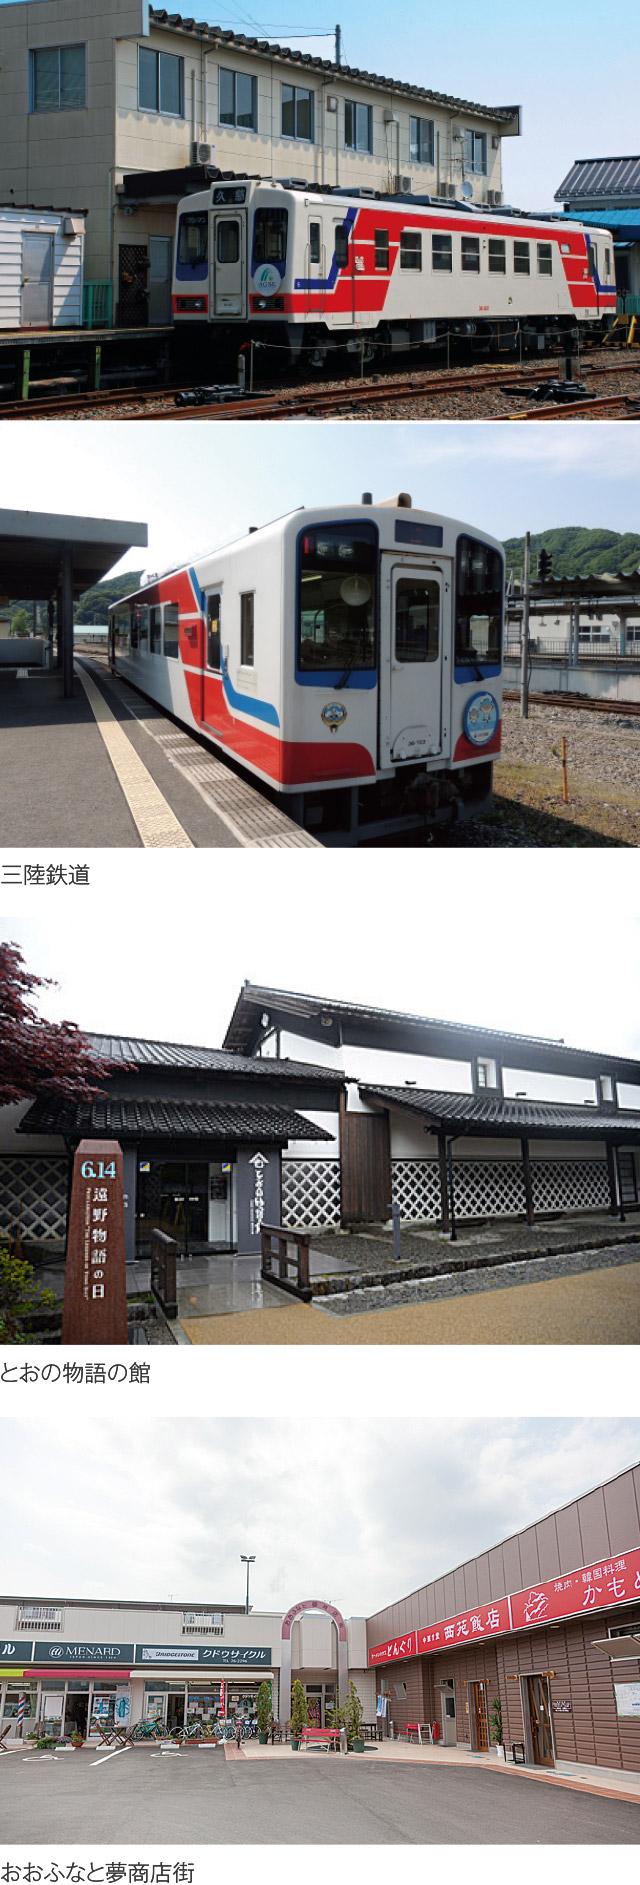 三陸鉄道・とおの物語の館・おおふなと夢商店街